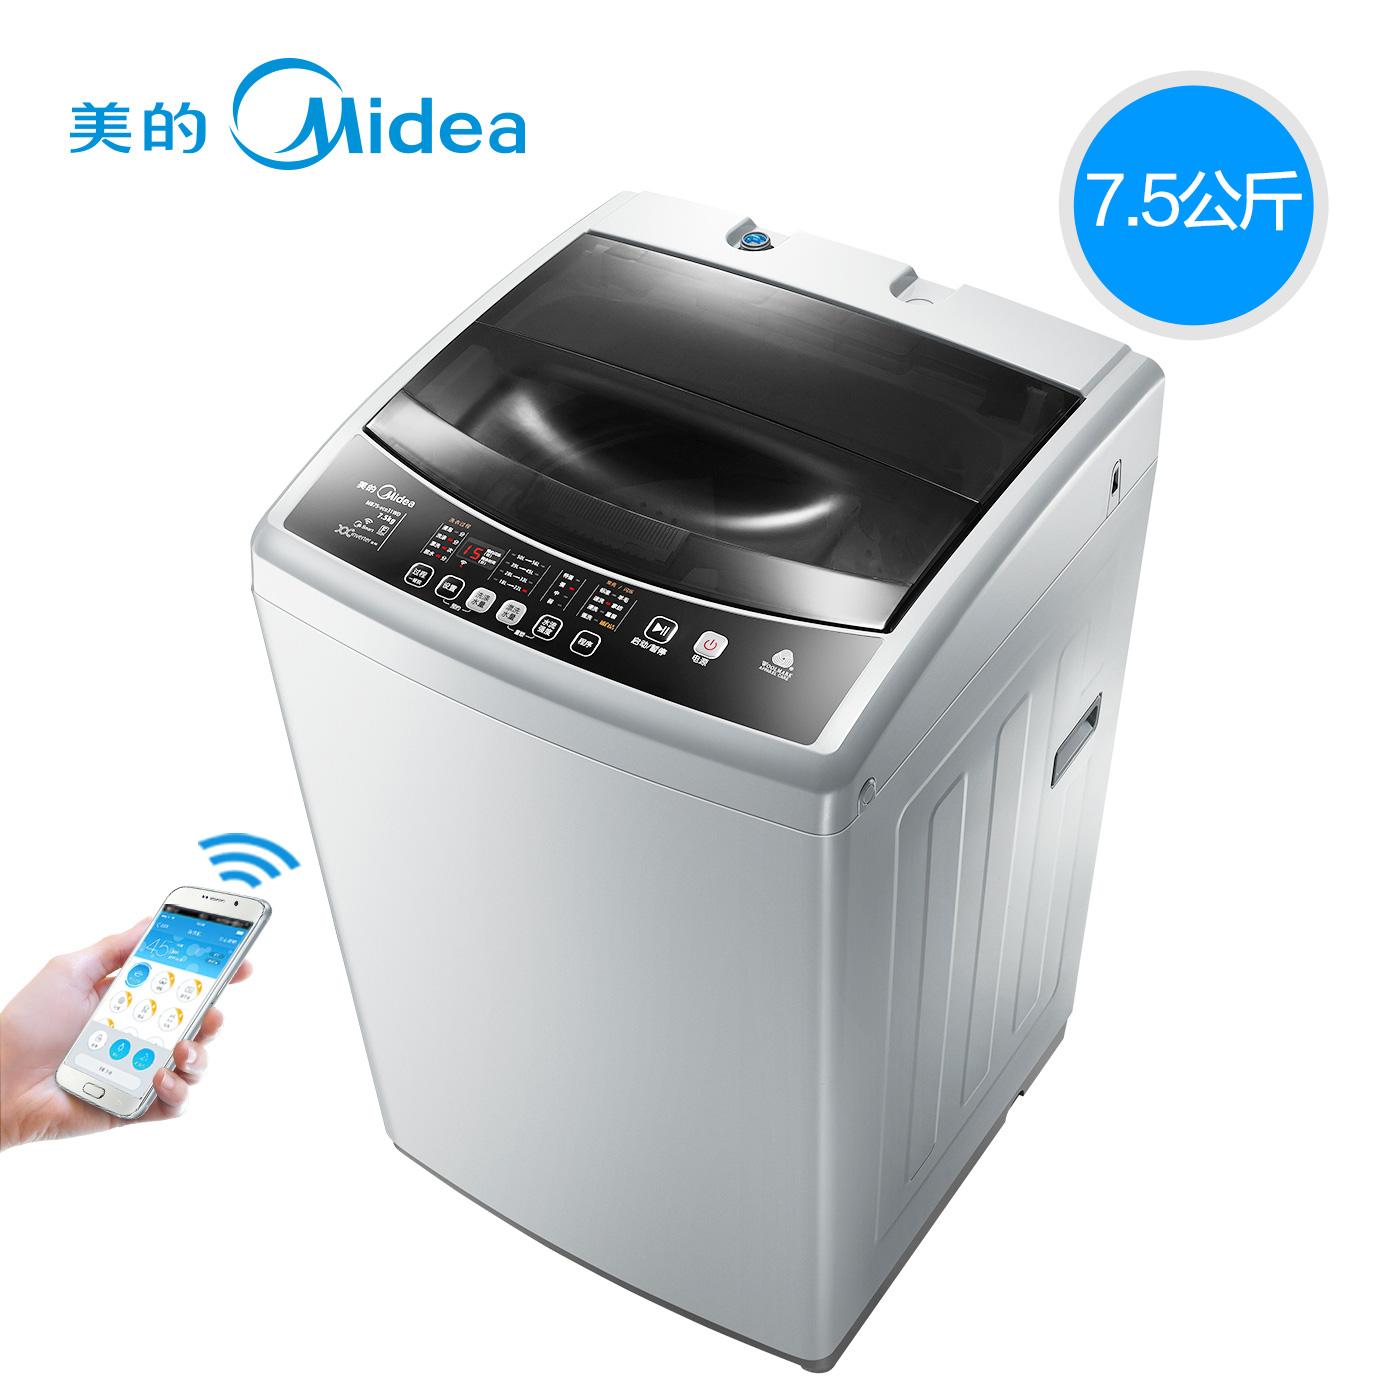 Midea/美的 MB75-eco131WD洗衣机怎么样?洗的干净吗?